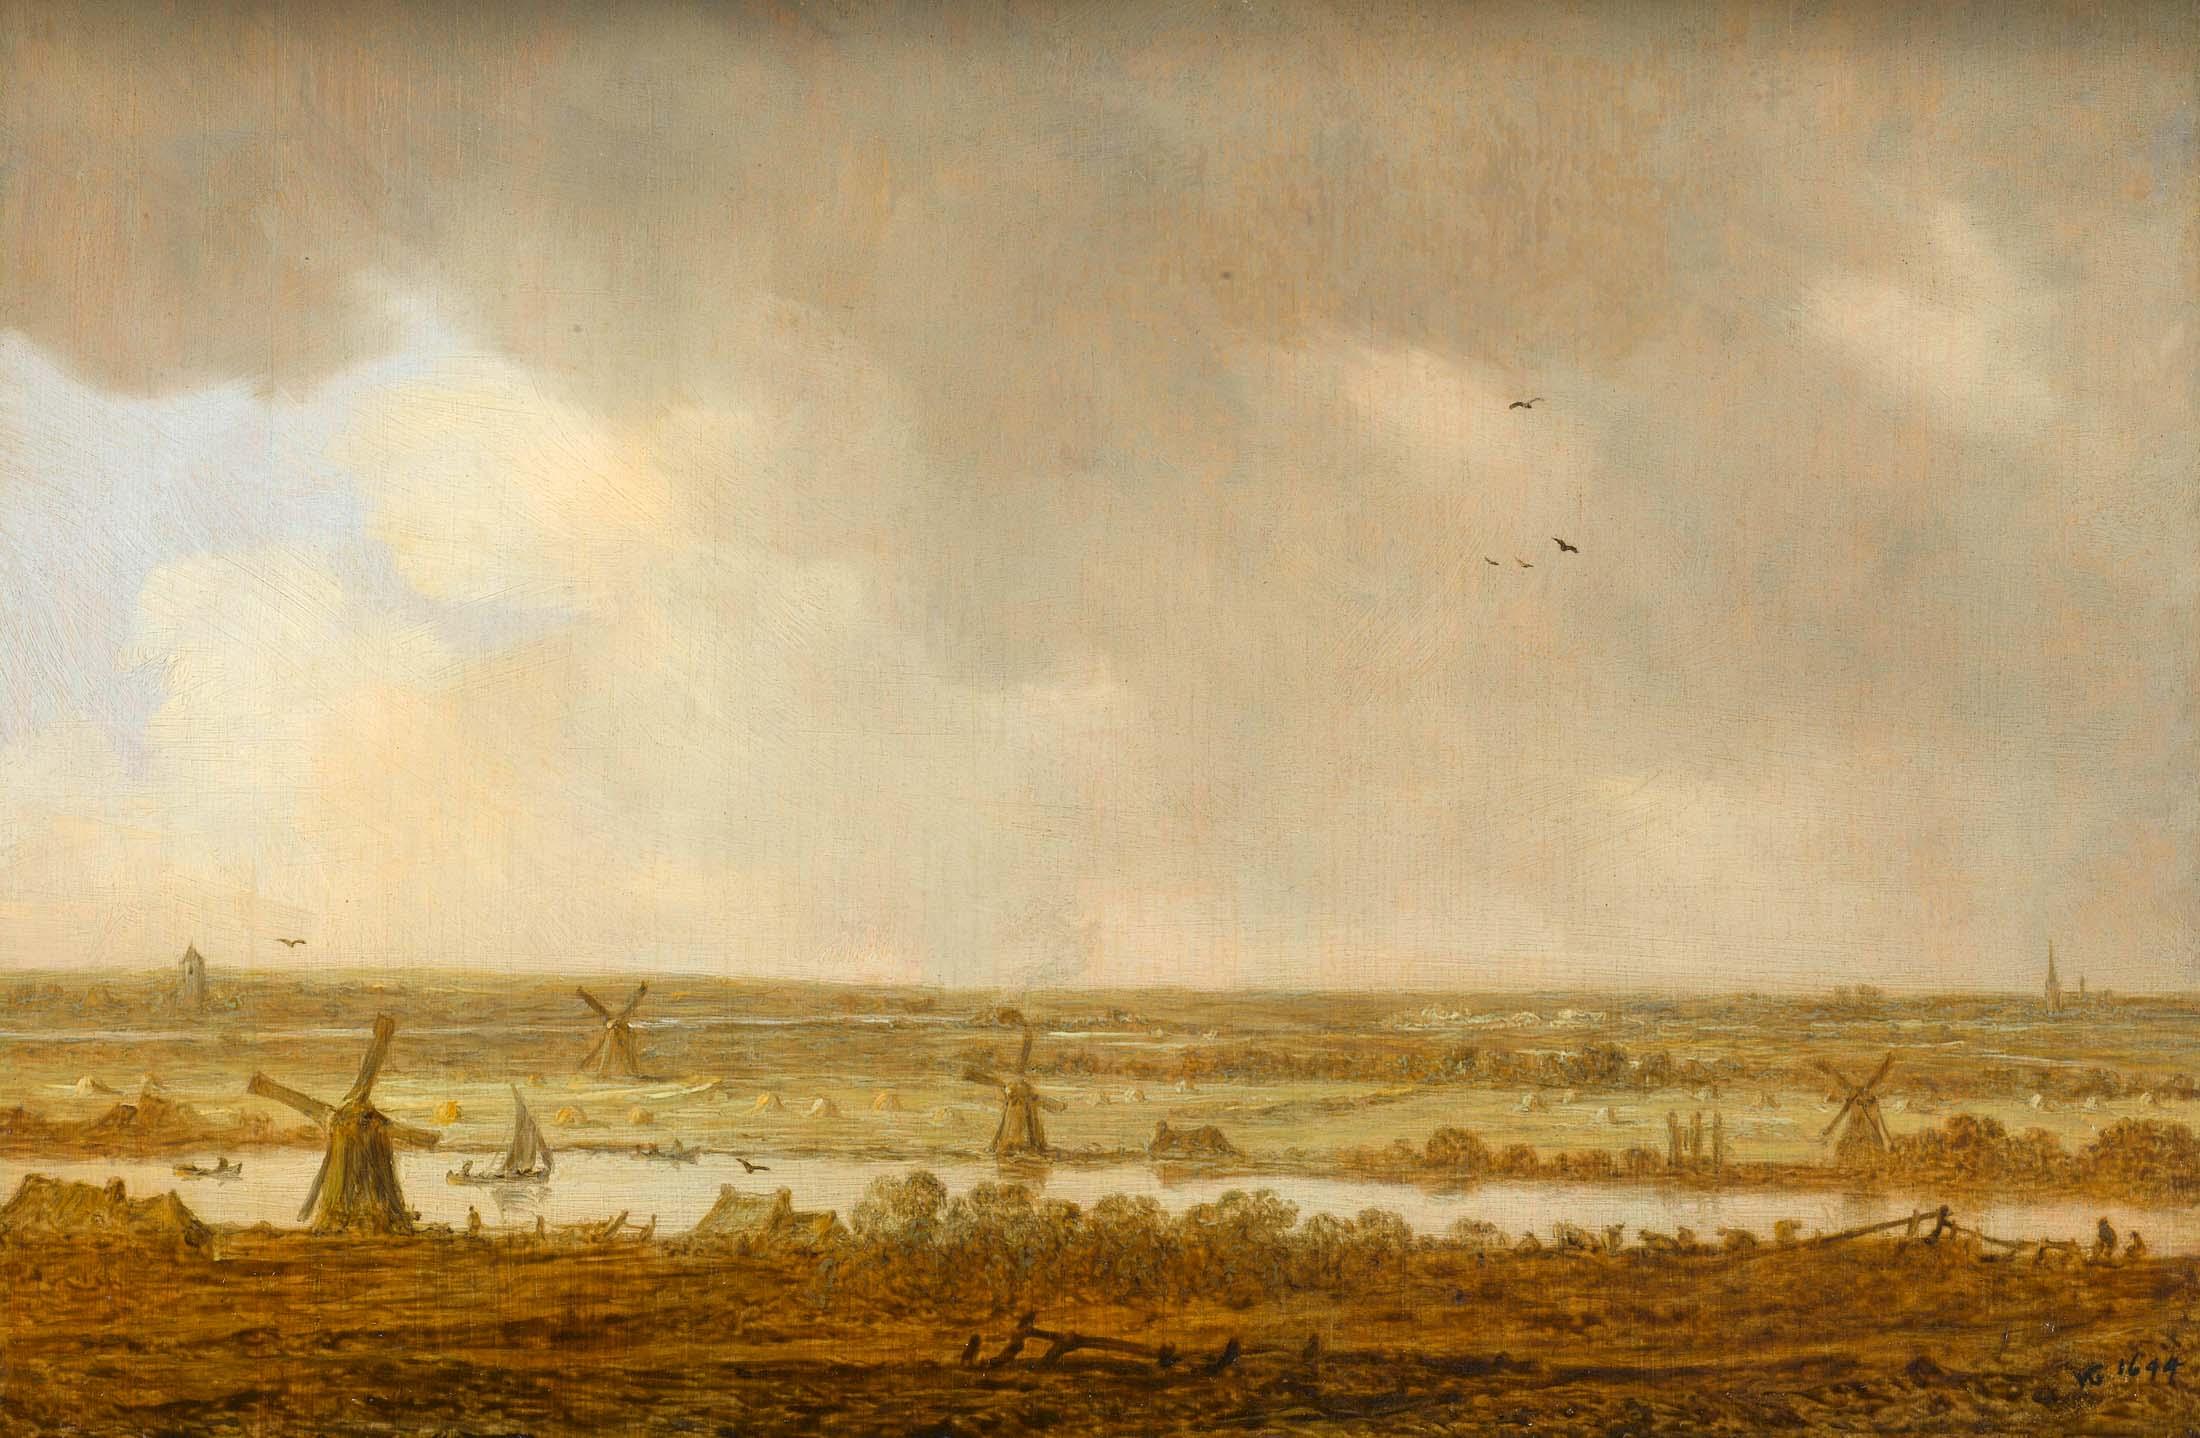 Schilderij van polder landschap met veel molens, Jan van Goyen, 1644